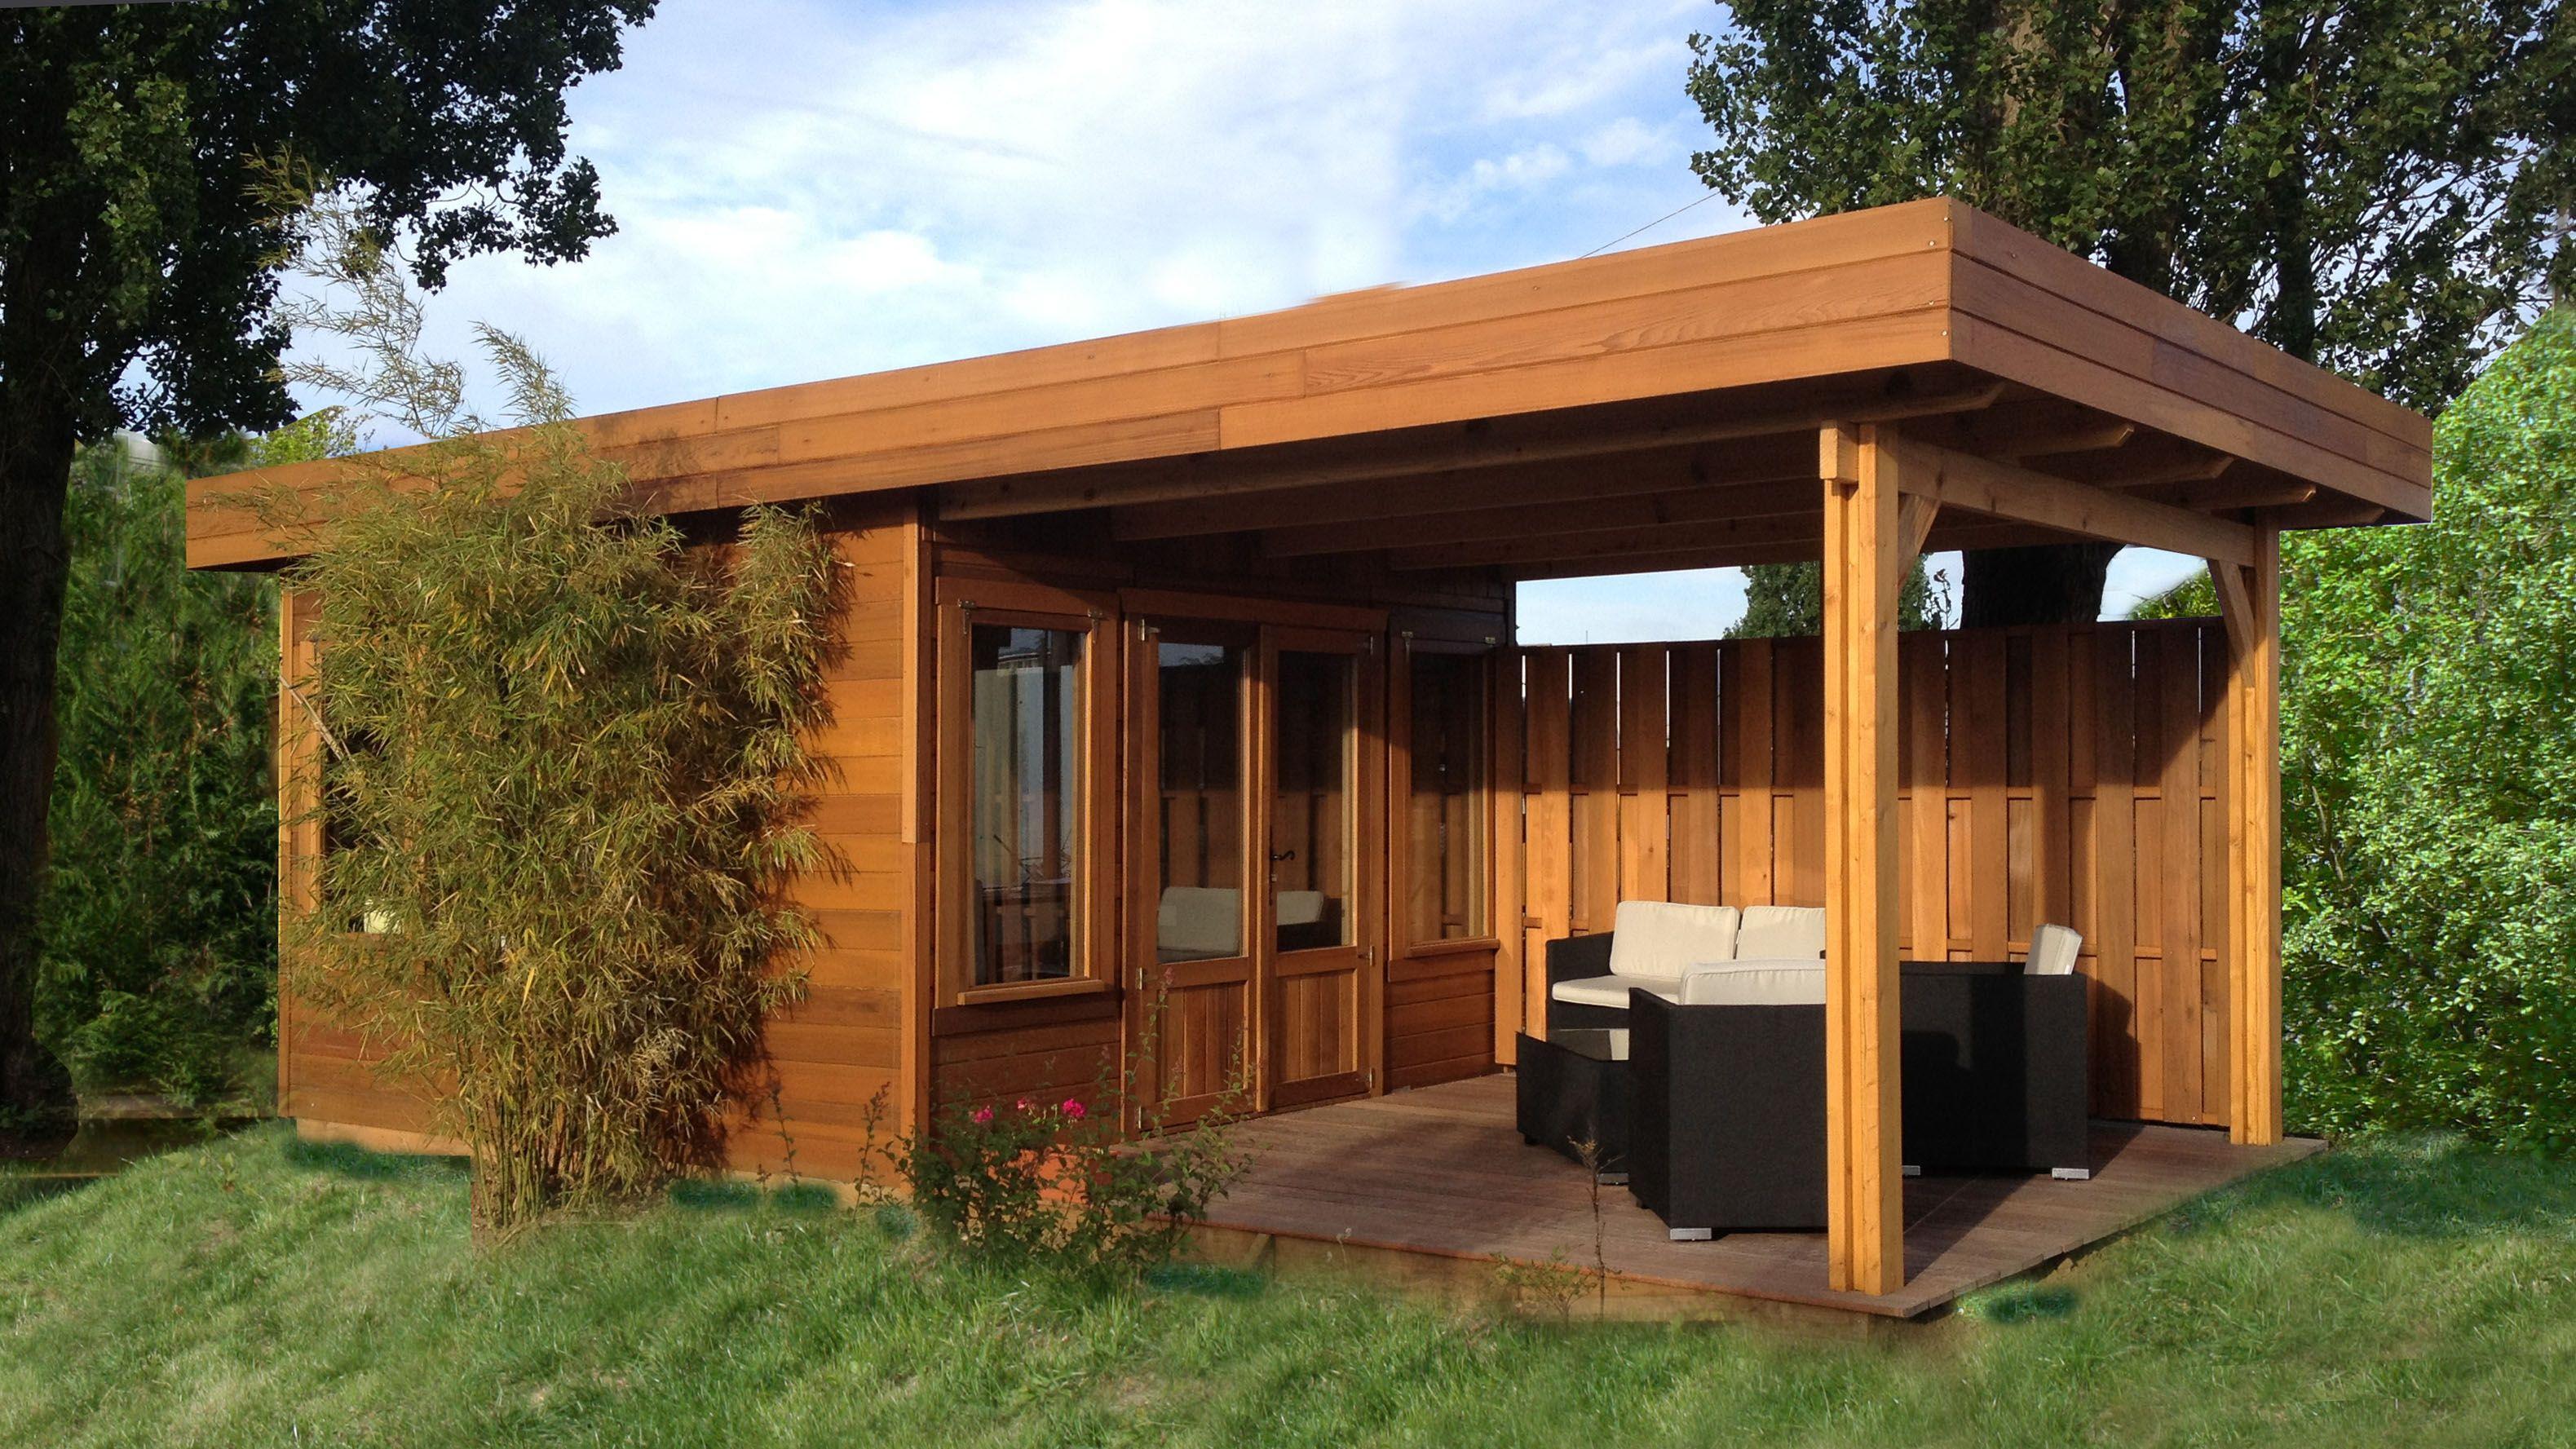 cuisine d ete 3159 1777 abris de jardin pinterest meuble cuisine exterieur. Black Bedroom Furniture Sets. Home Design Ideas